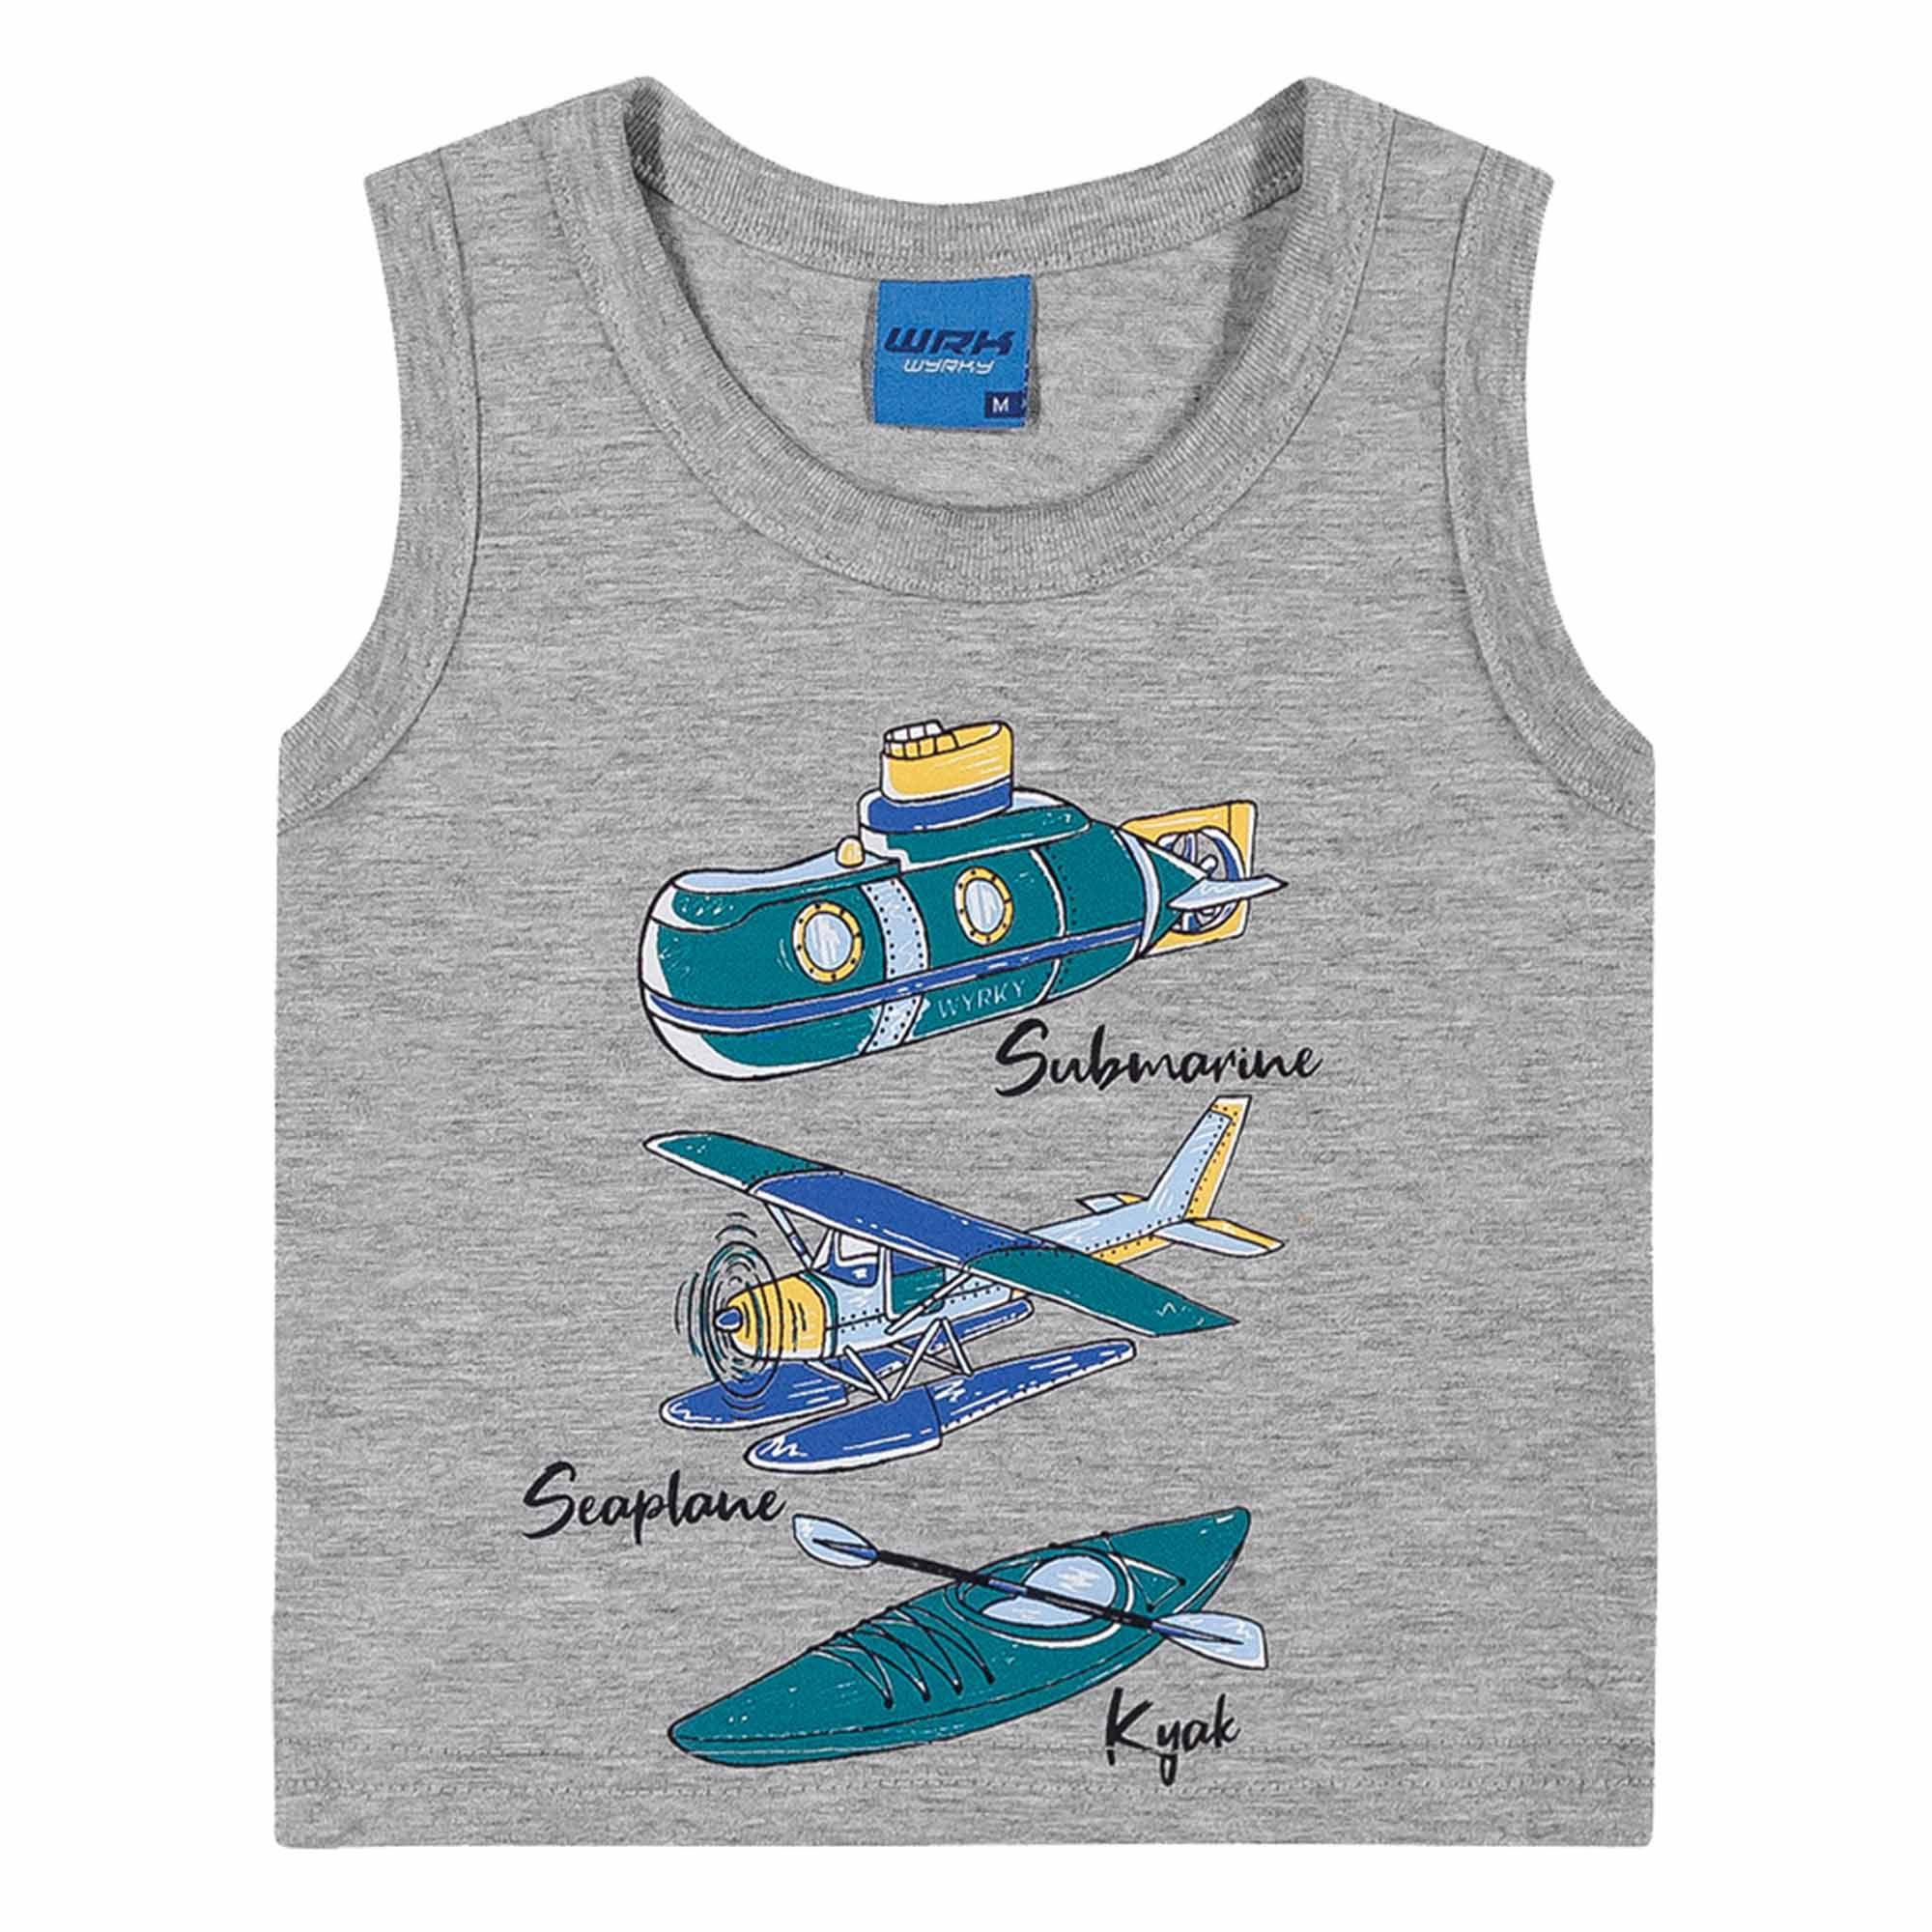 Conjunto Verão Romitex Wyrky Avião, Submarino, Caiaque - 1 ao 3